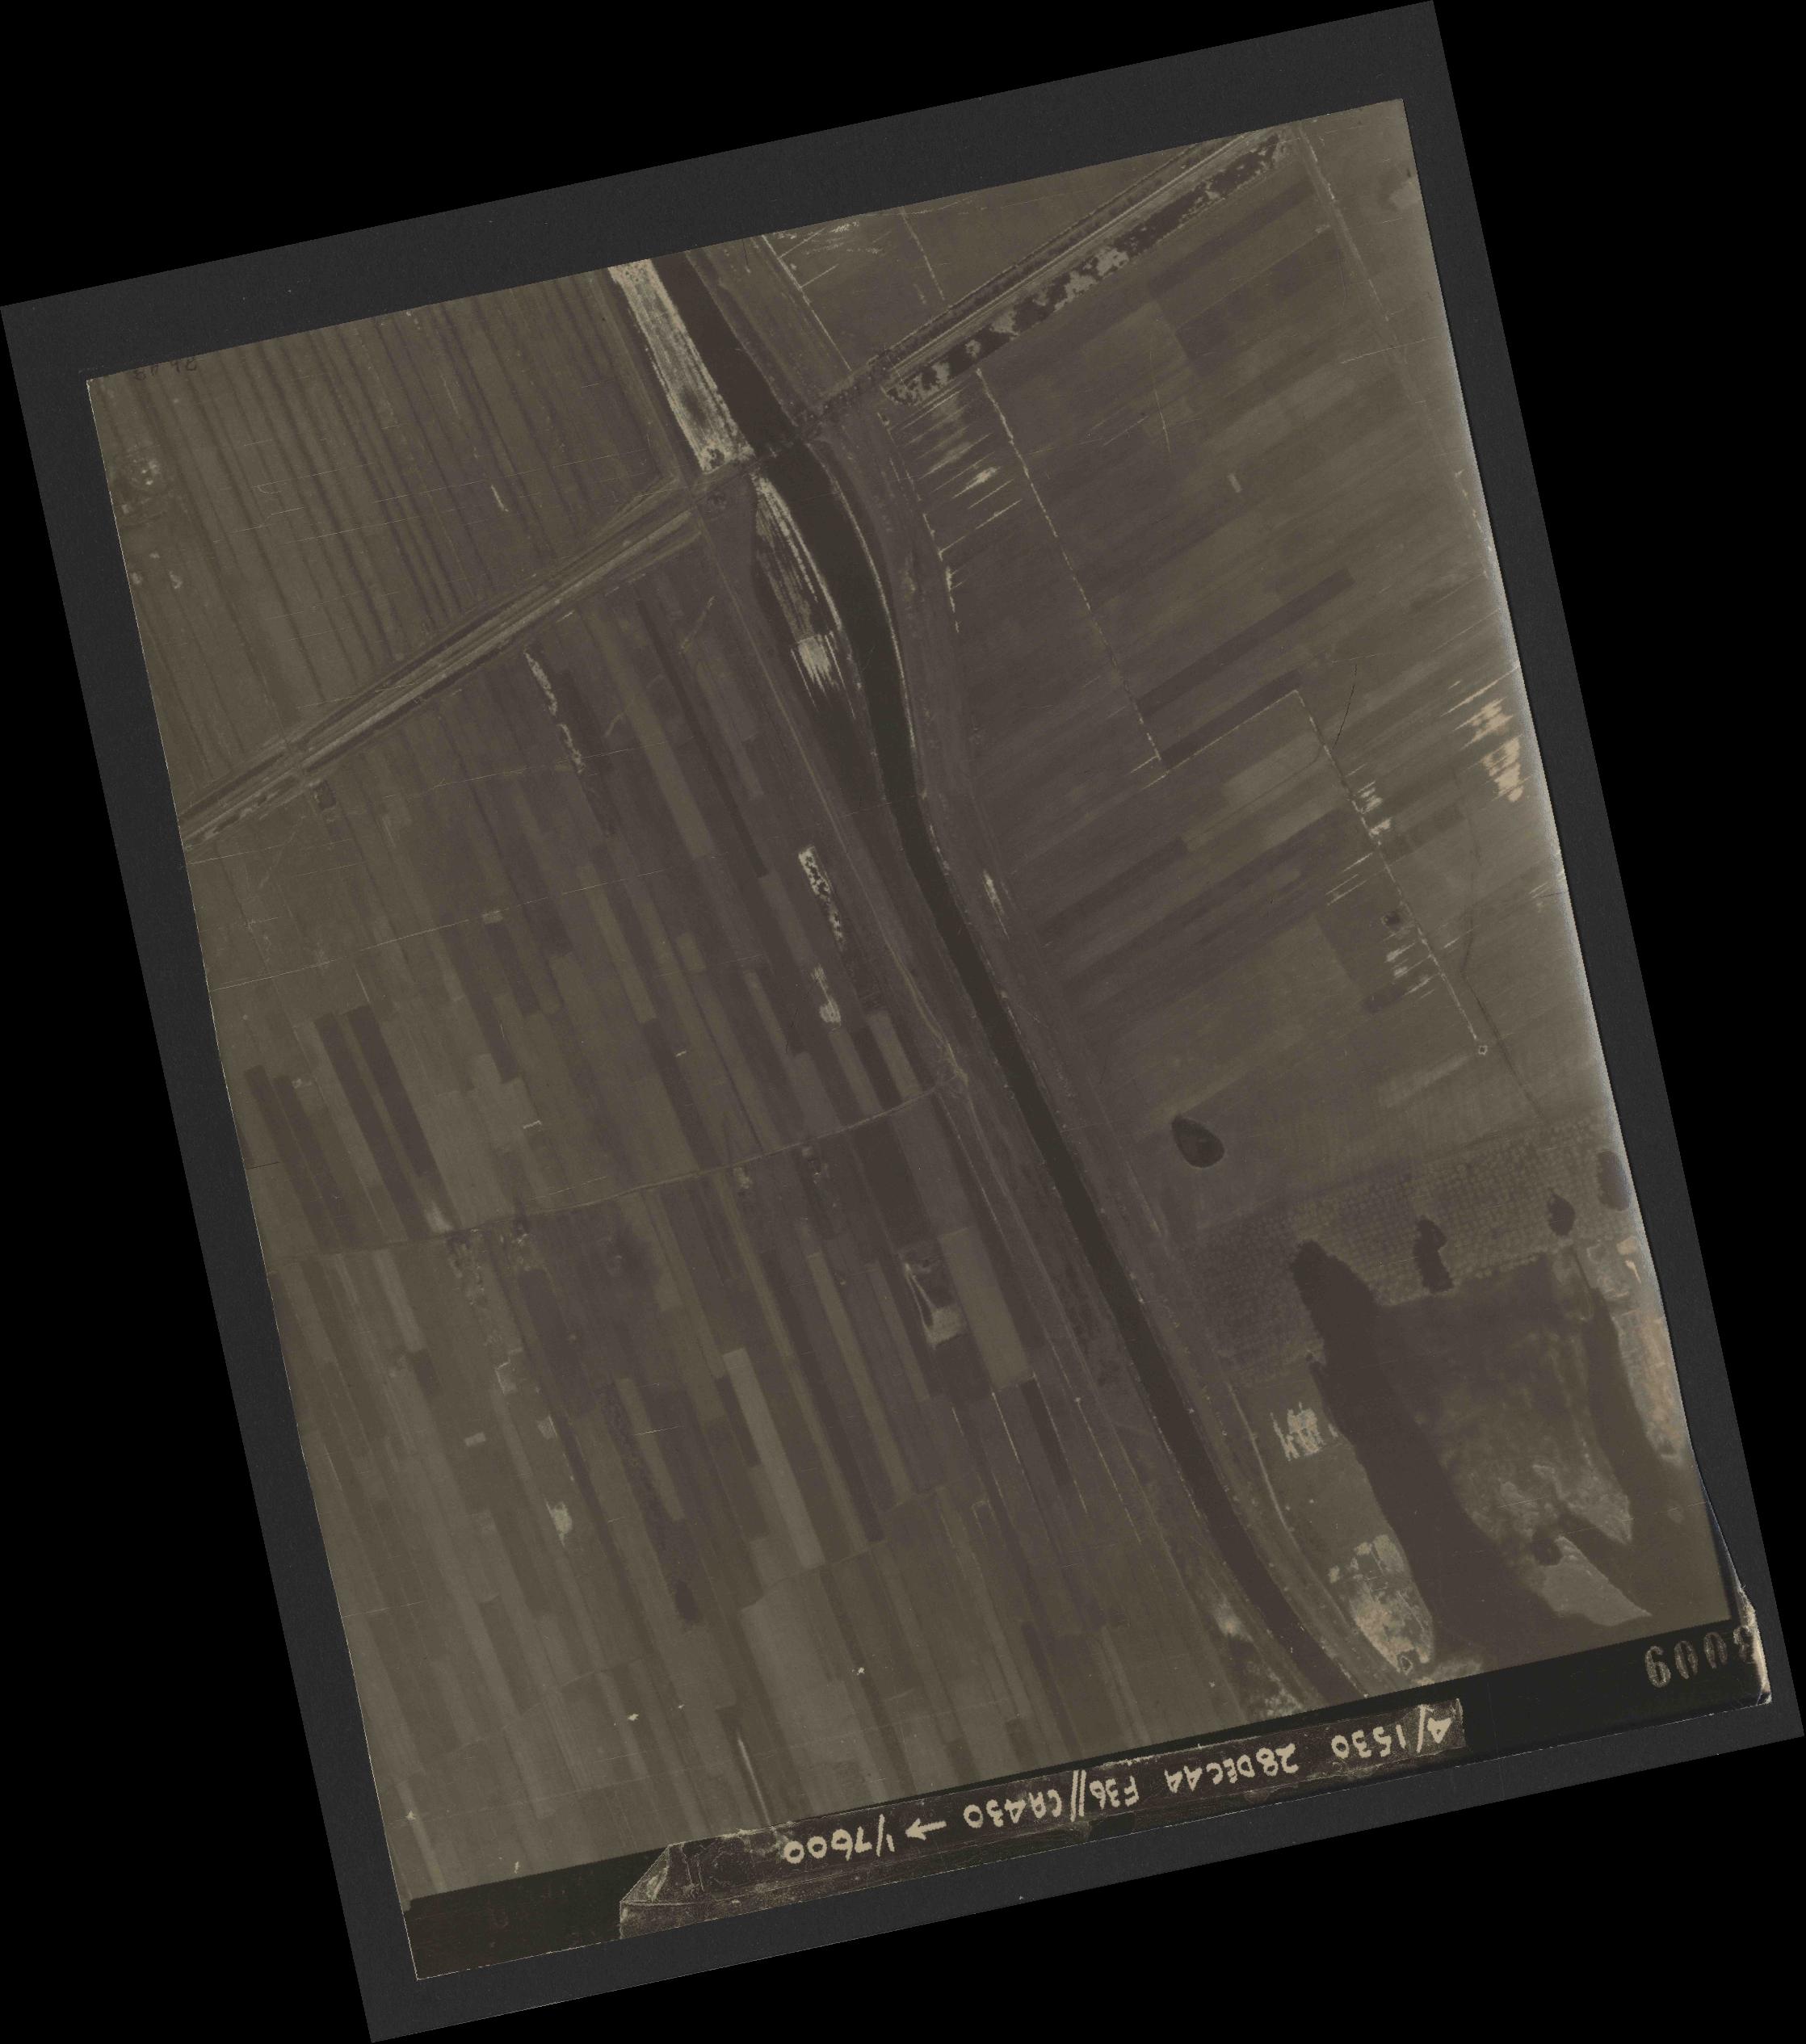 Collection RAF aerial photos 1940-1945 - flight 050, run 06, photo 3009